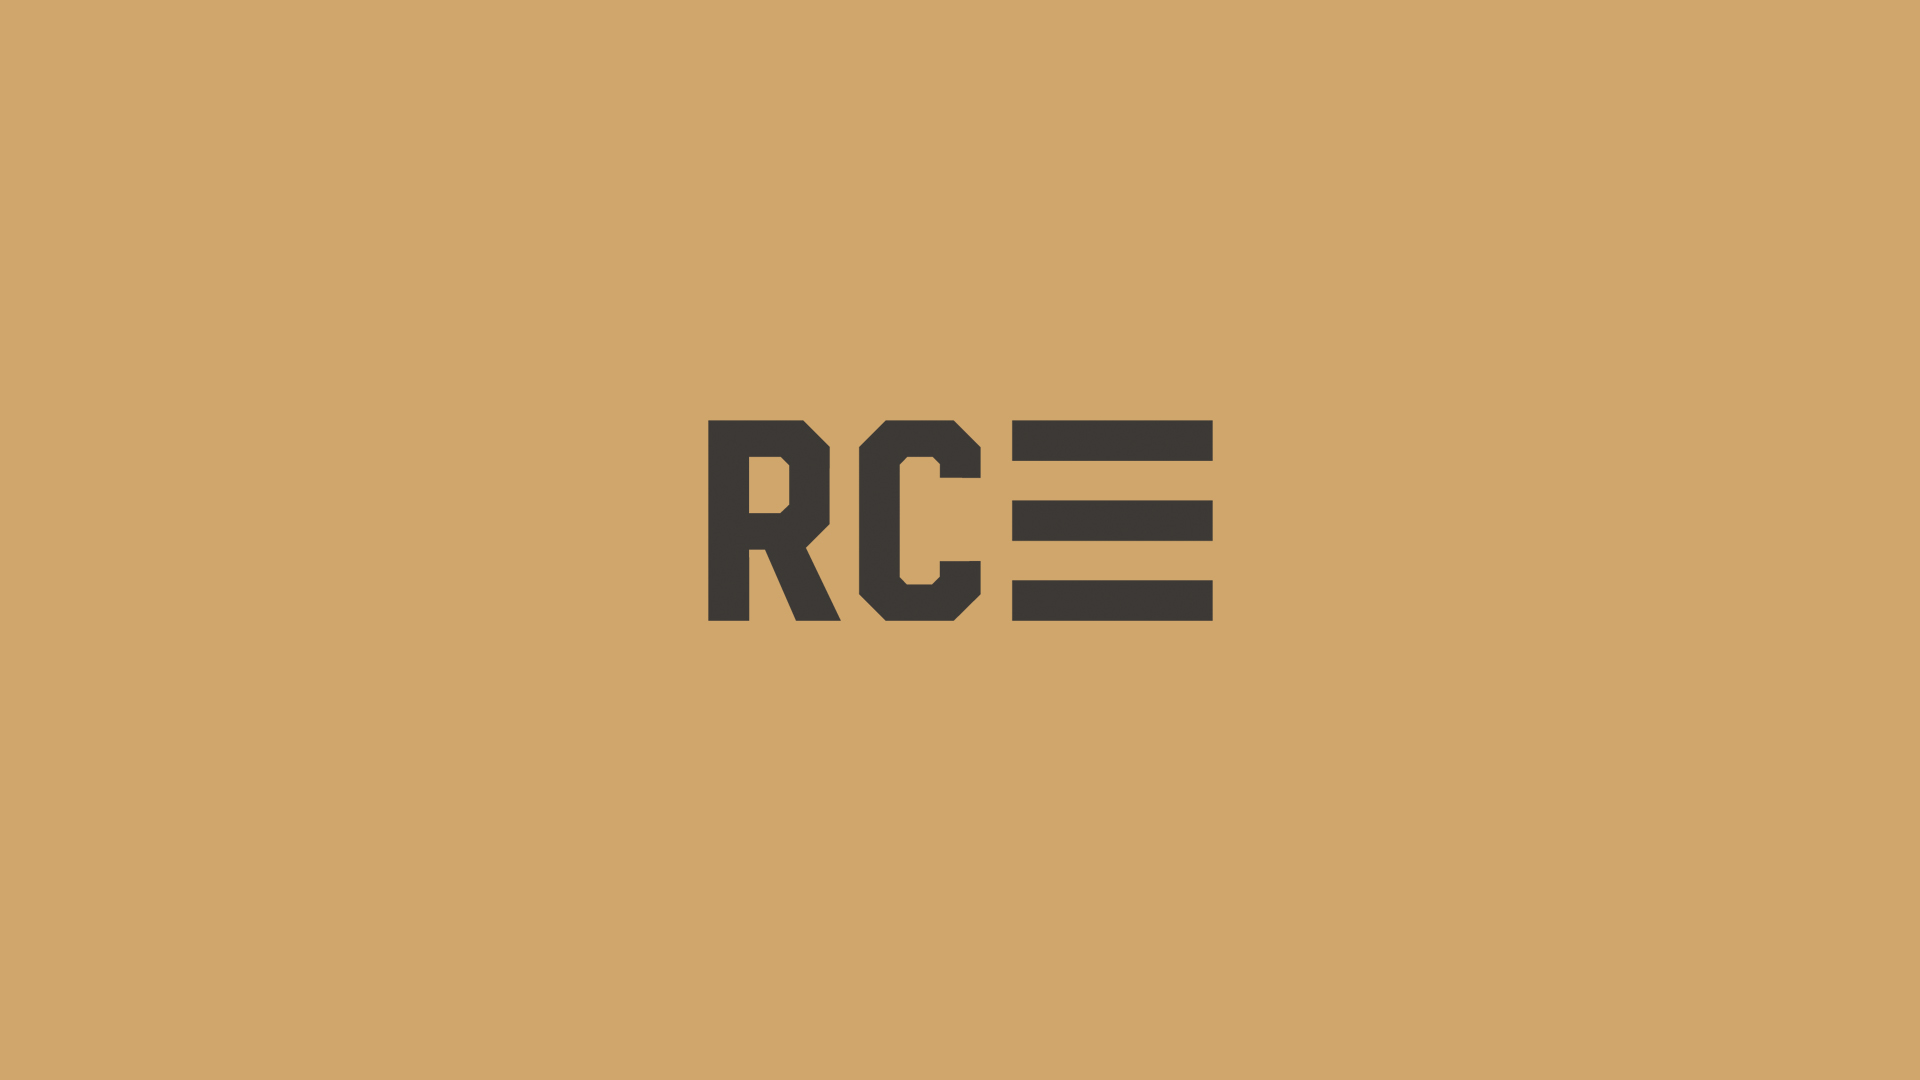 RCUSA_1920x1080_Logos_01_0001_bug